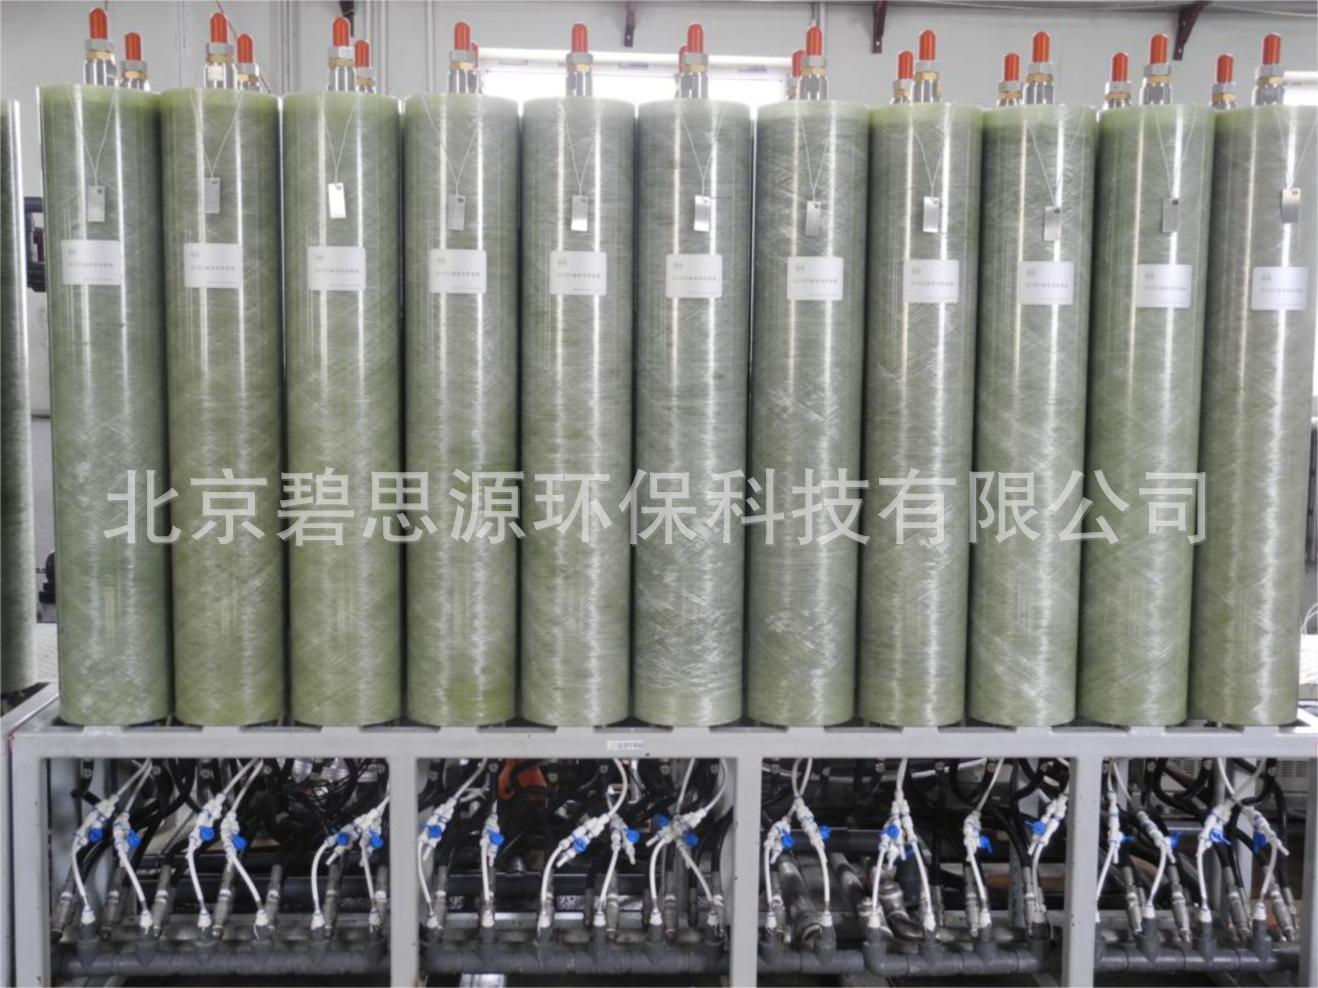 垃圾滲透液工業廢水零排放/高含鹽廢水處理蝶管式DTRO膜DTNF膜示例圖5